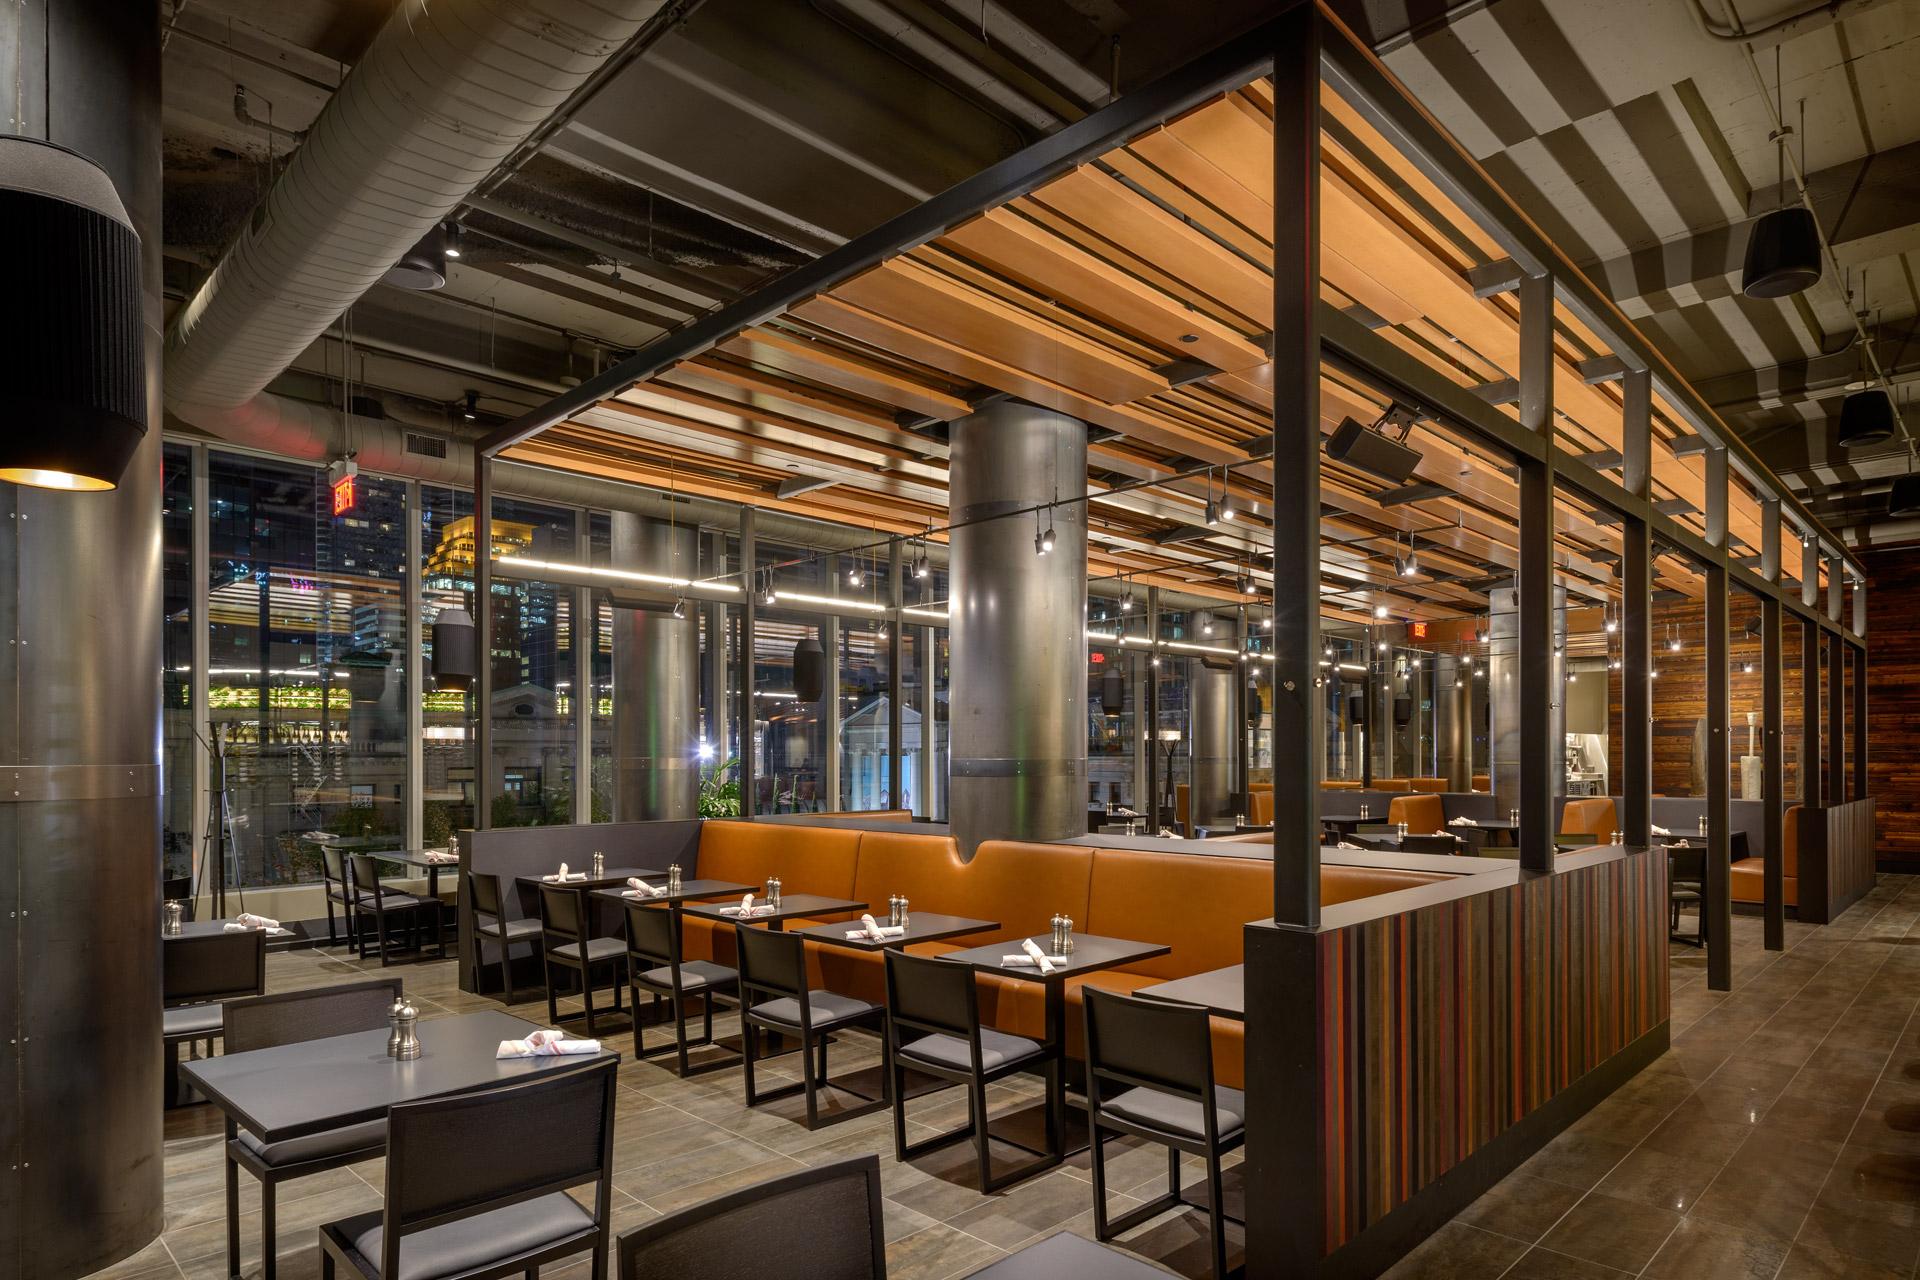 Bistro Verde at Nordstrom restaurant decor ideas